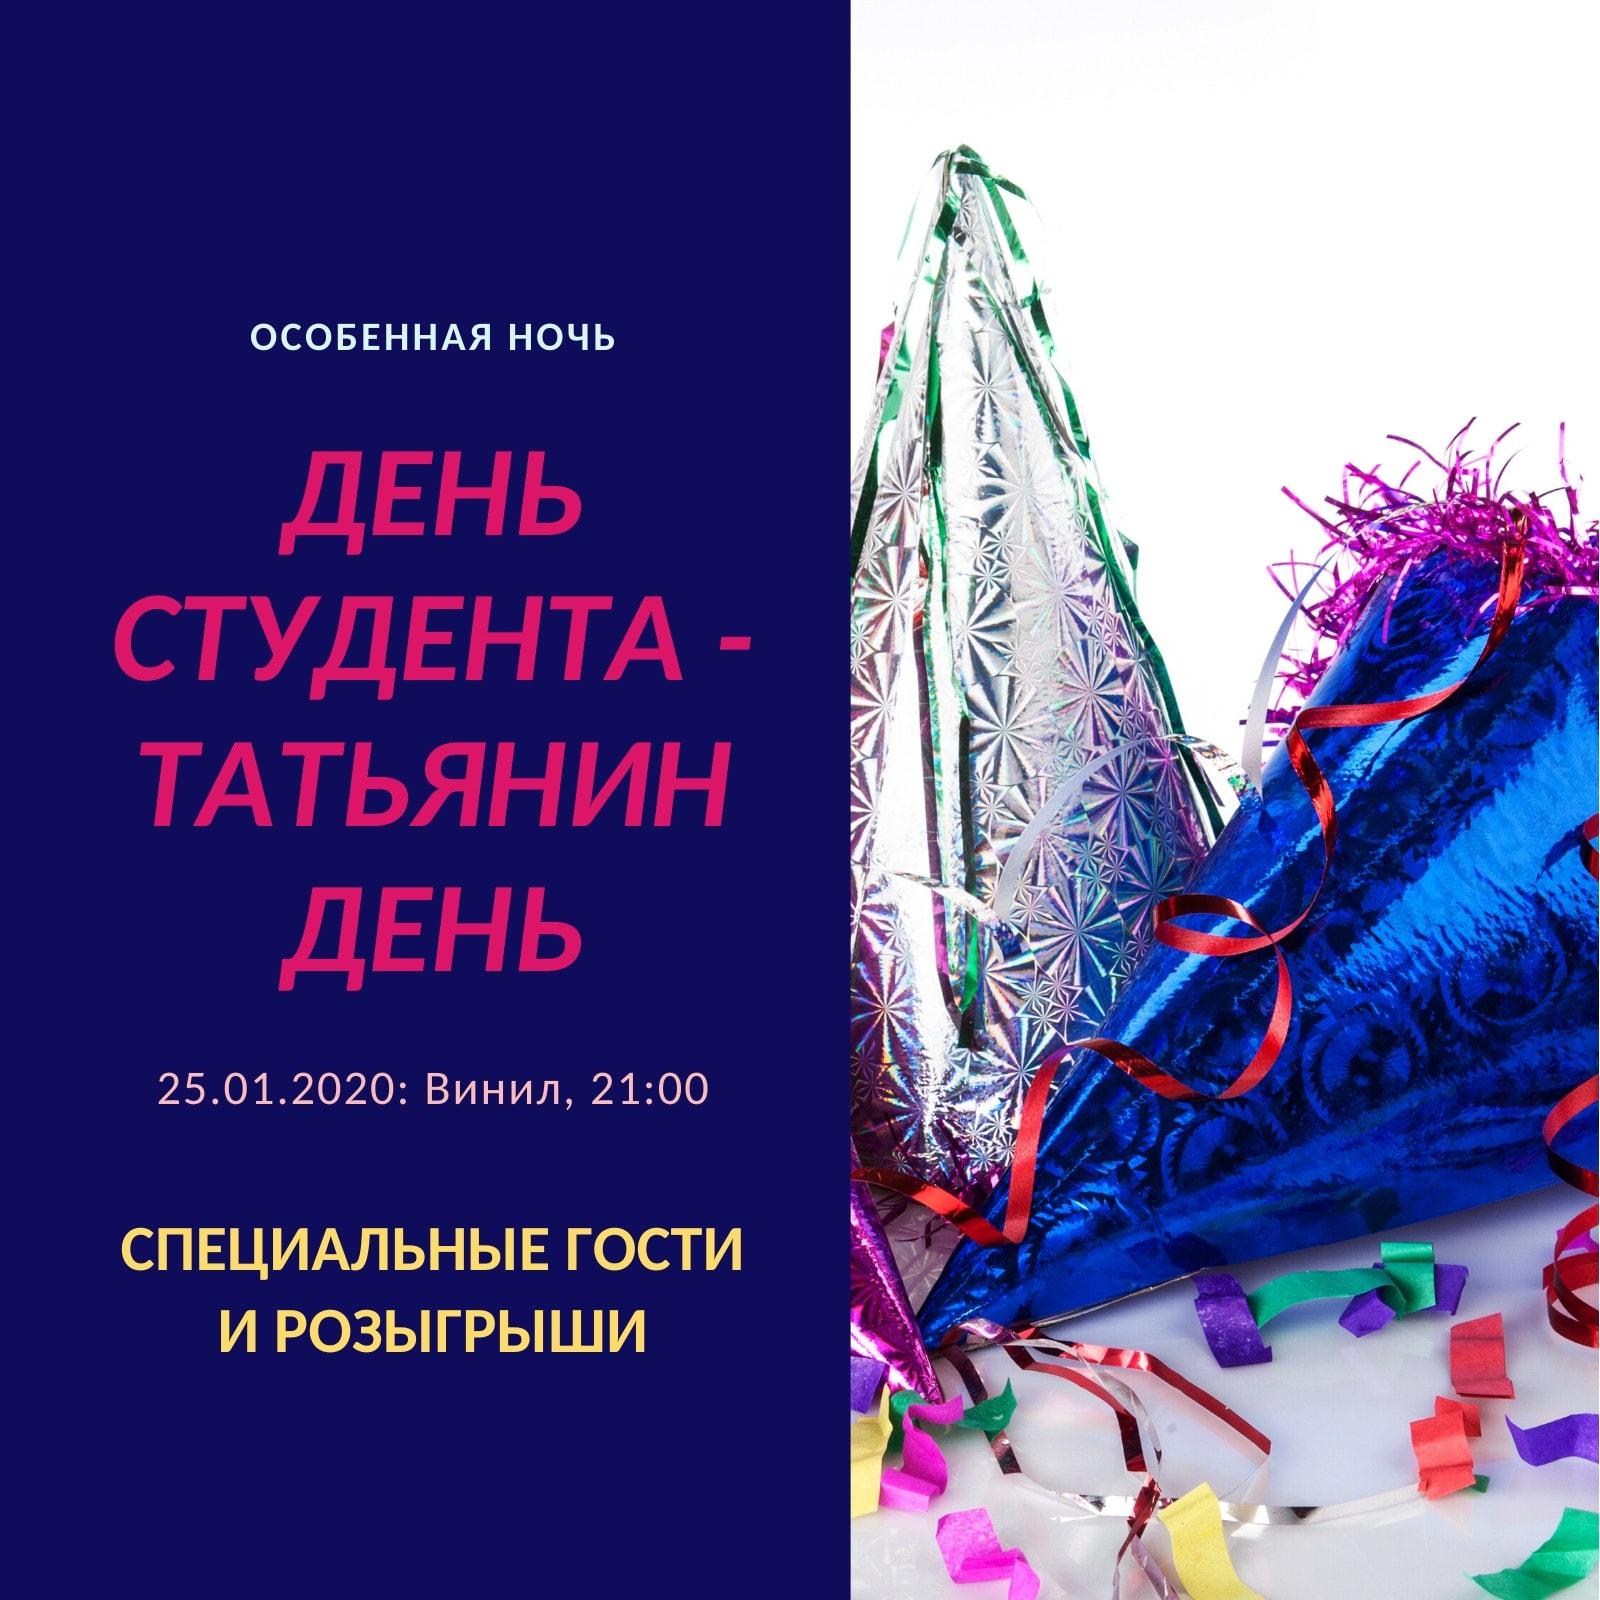 Пригласительный на День студента с фотографией праздничных колпаков и синим фономwell Party Invitation